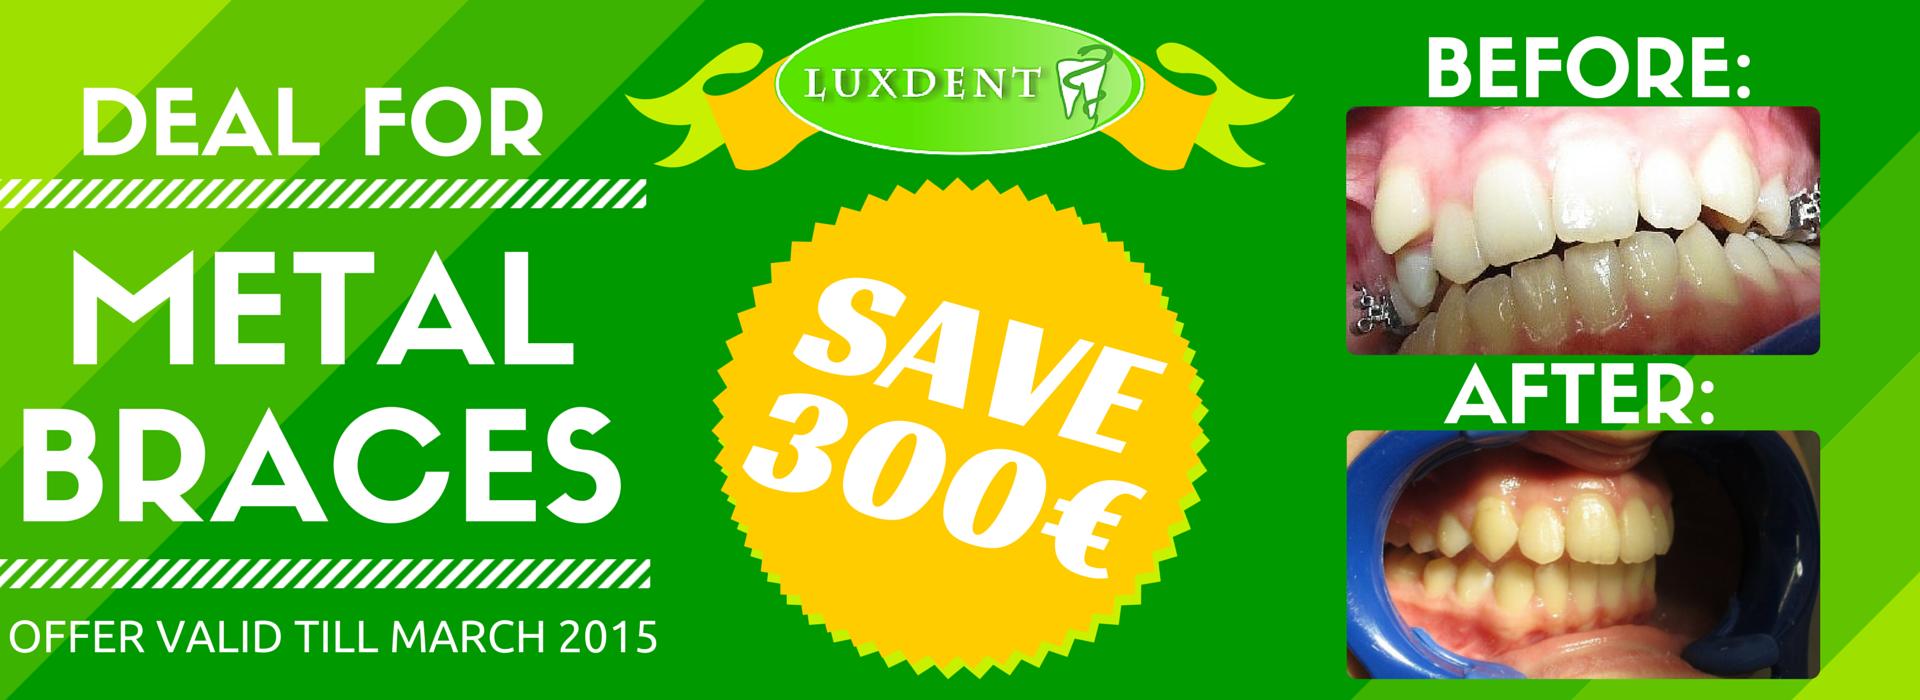 Luxdent